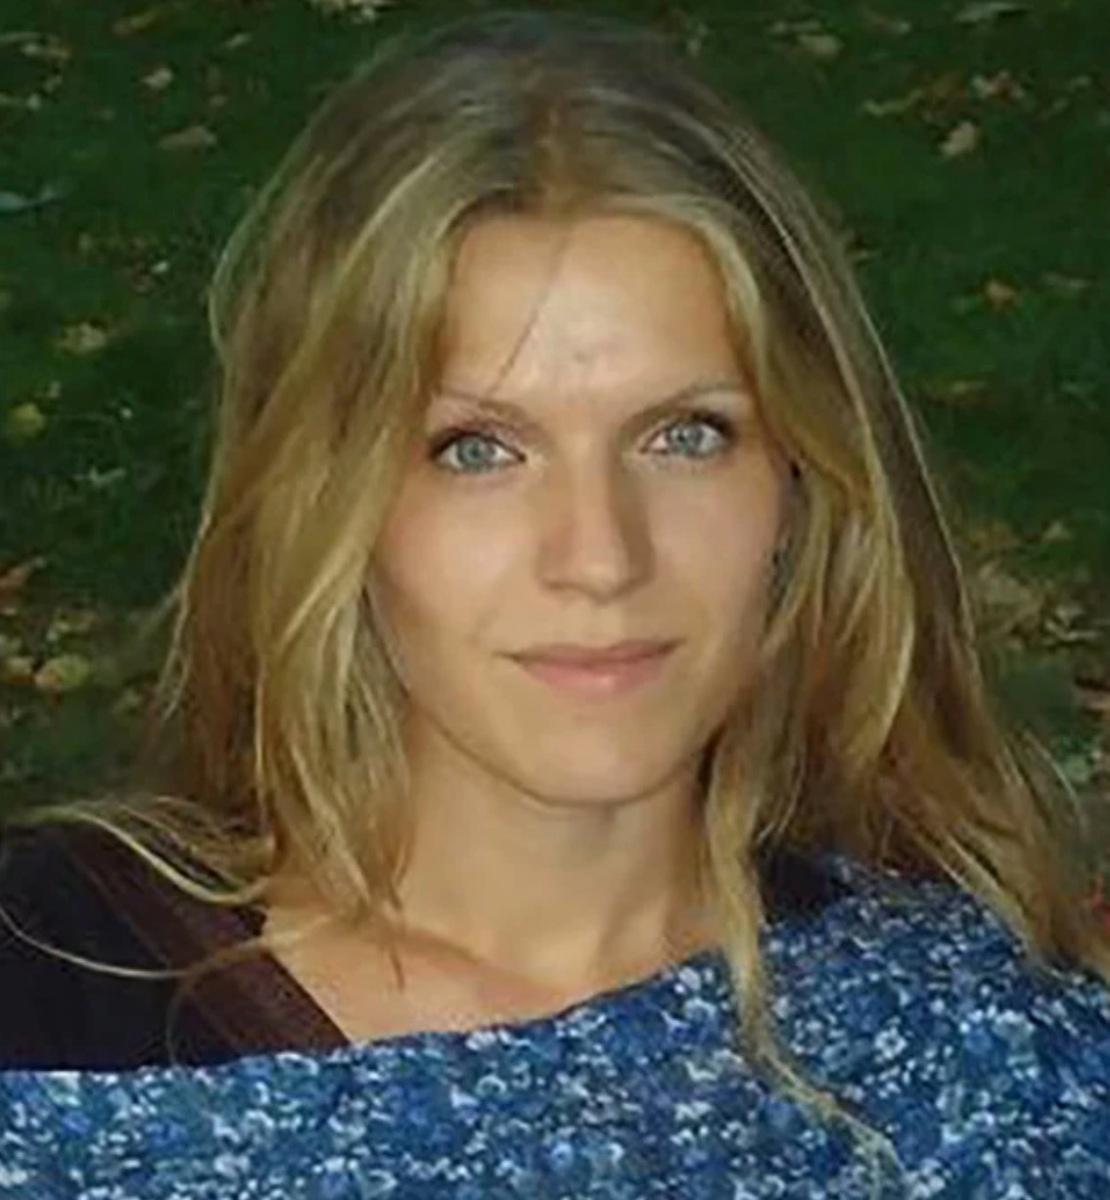 Η ηρωίδα δασκάλα με τα χρυσά μαλλιά που πάει κάθε πρωί στην Τέλενδο με βαρκούλα για να κάνει μάθημα στα παιδιά του δημοτικού